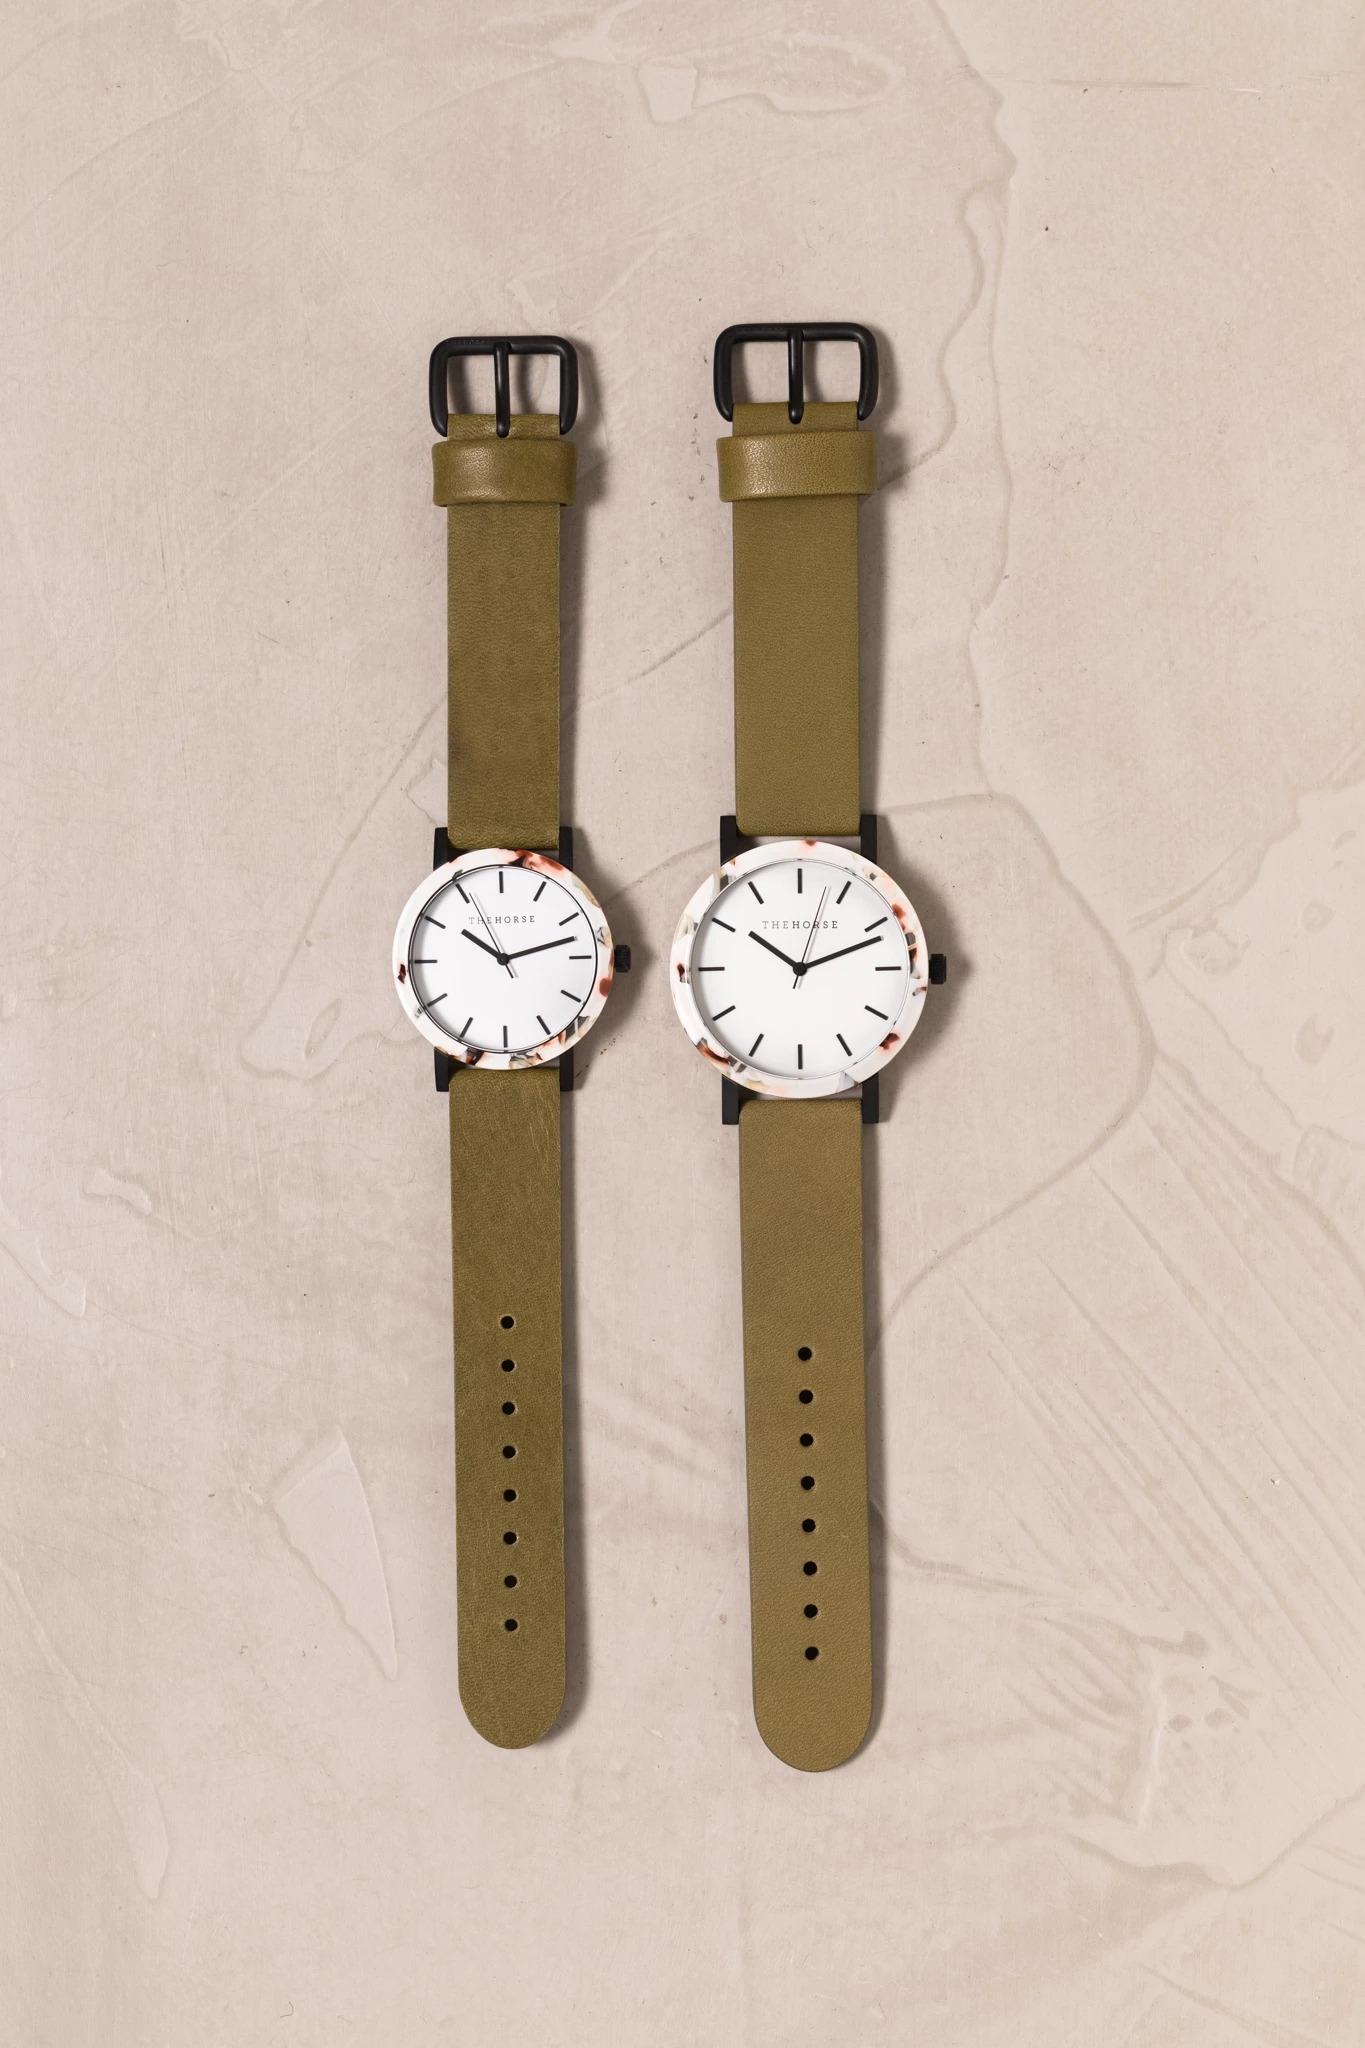 ザホース 時計 腕時計